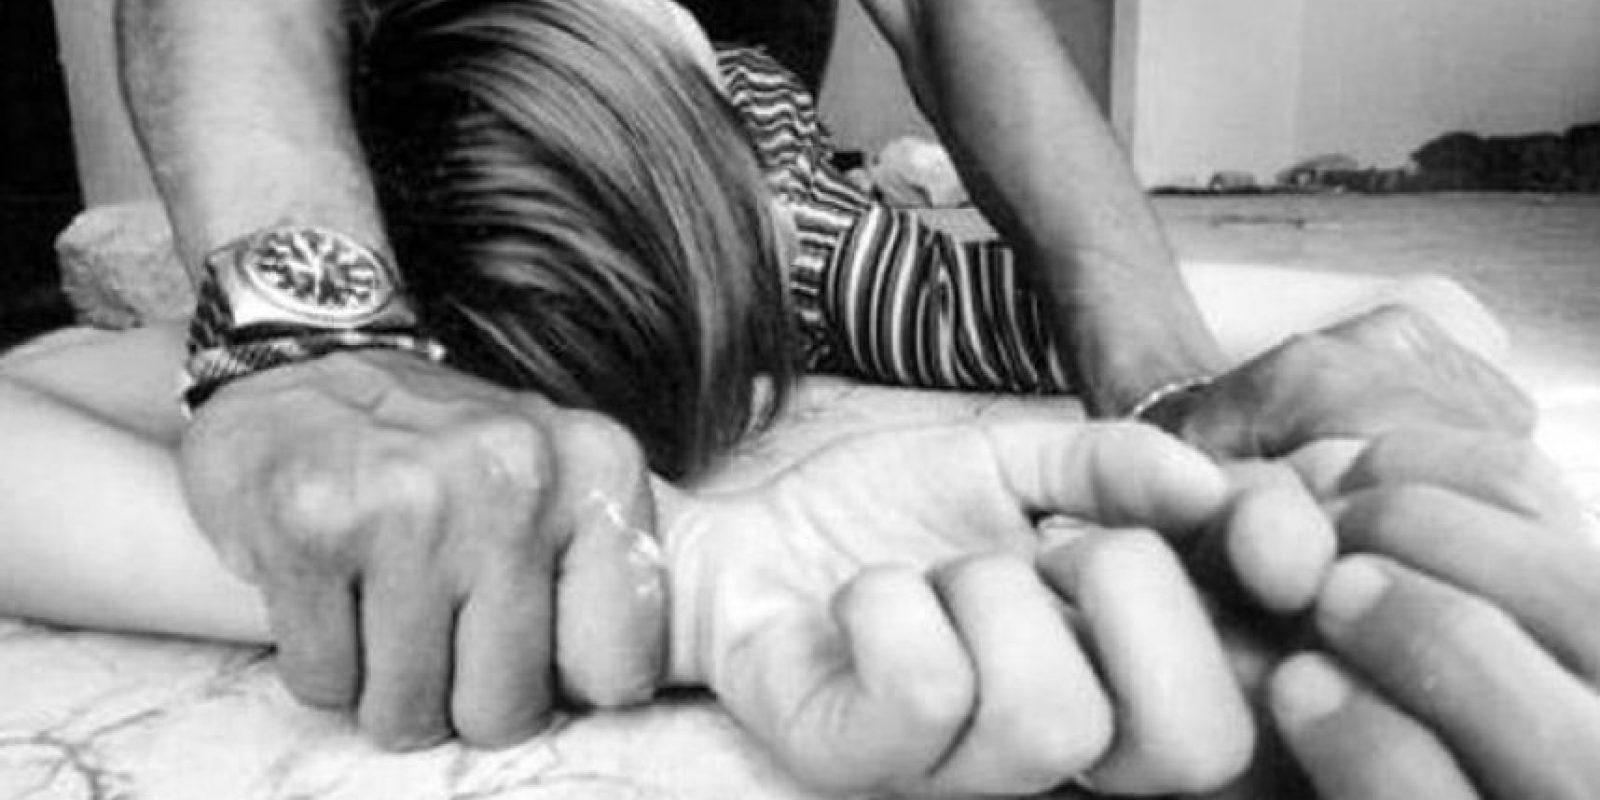 La madre de las dos menores se dedicó a buscar las mejores posiciones sexuales para quedar embarazada y posteriormente pedirle a su pareja y sus hijas realizarlas. Foto:Wikimedia